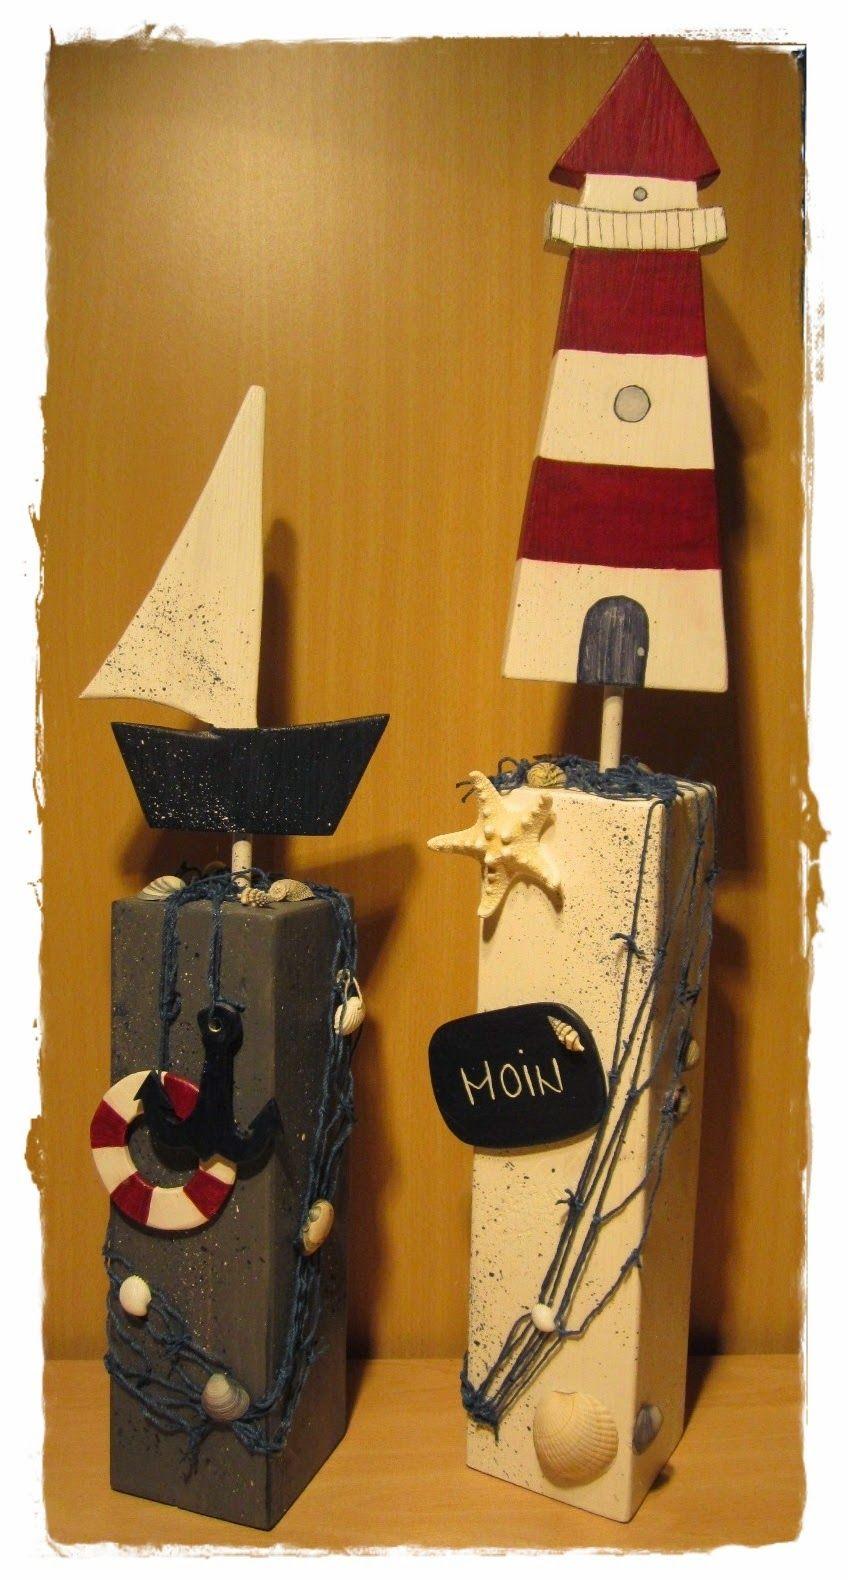 Stehle Maritim brittas kreativstübchen holzpfosten holz maritim